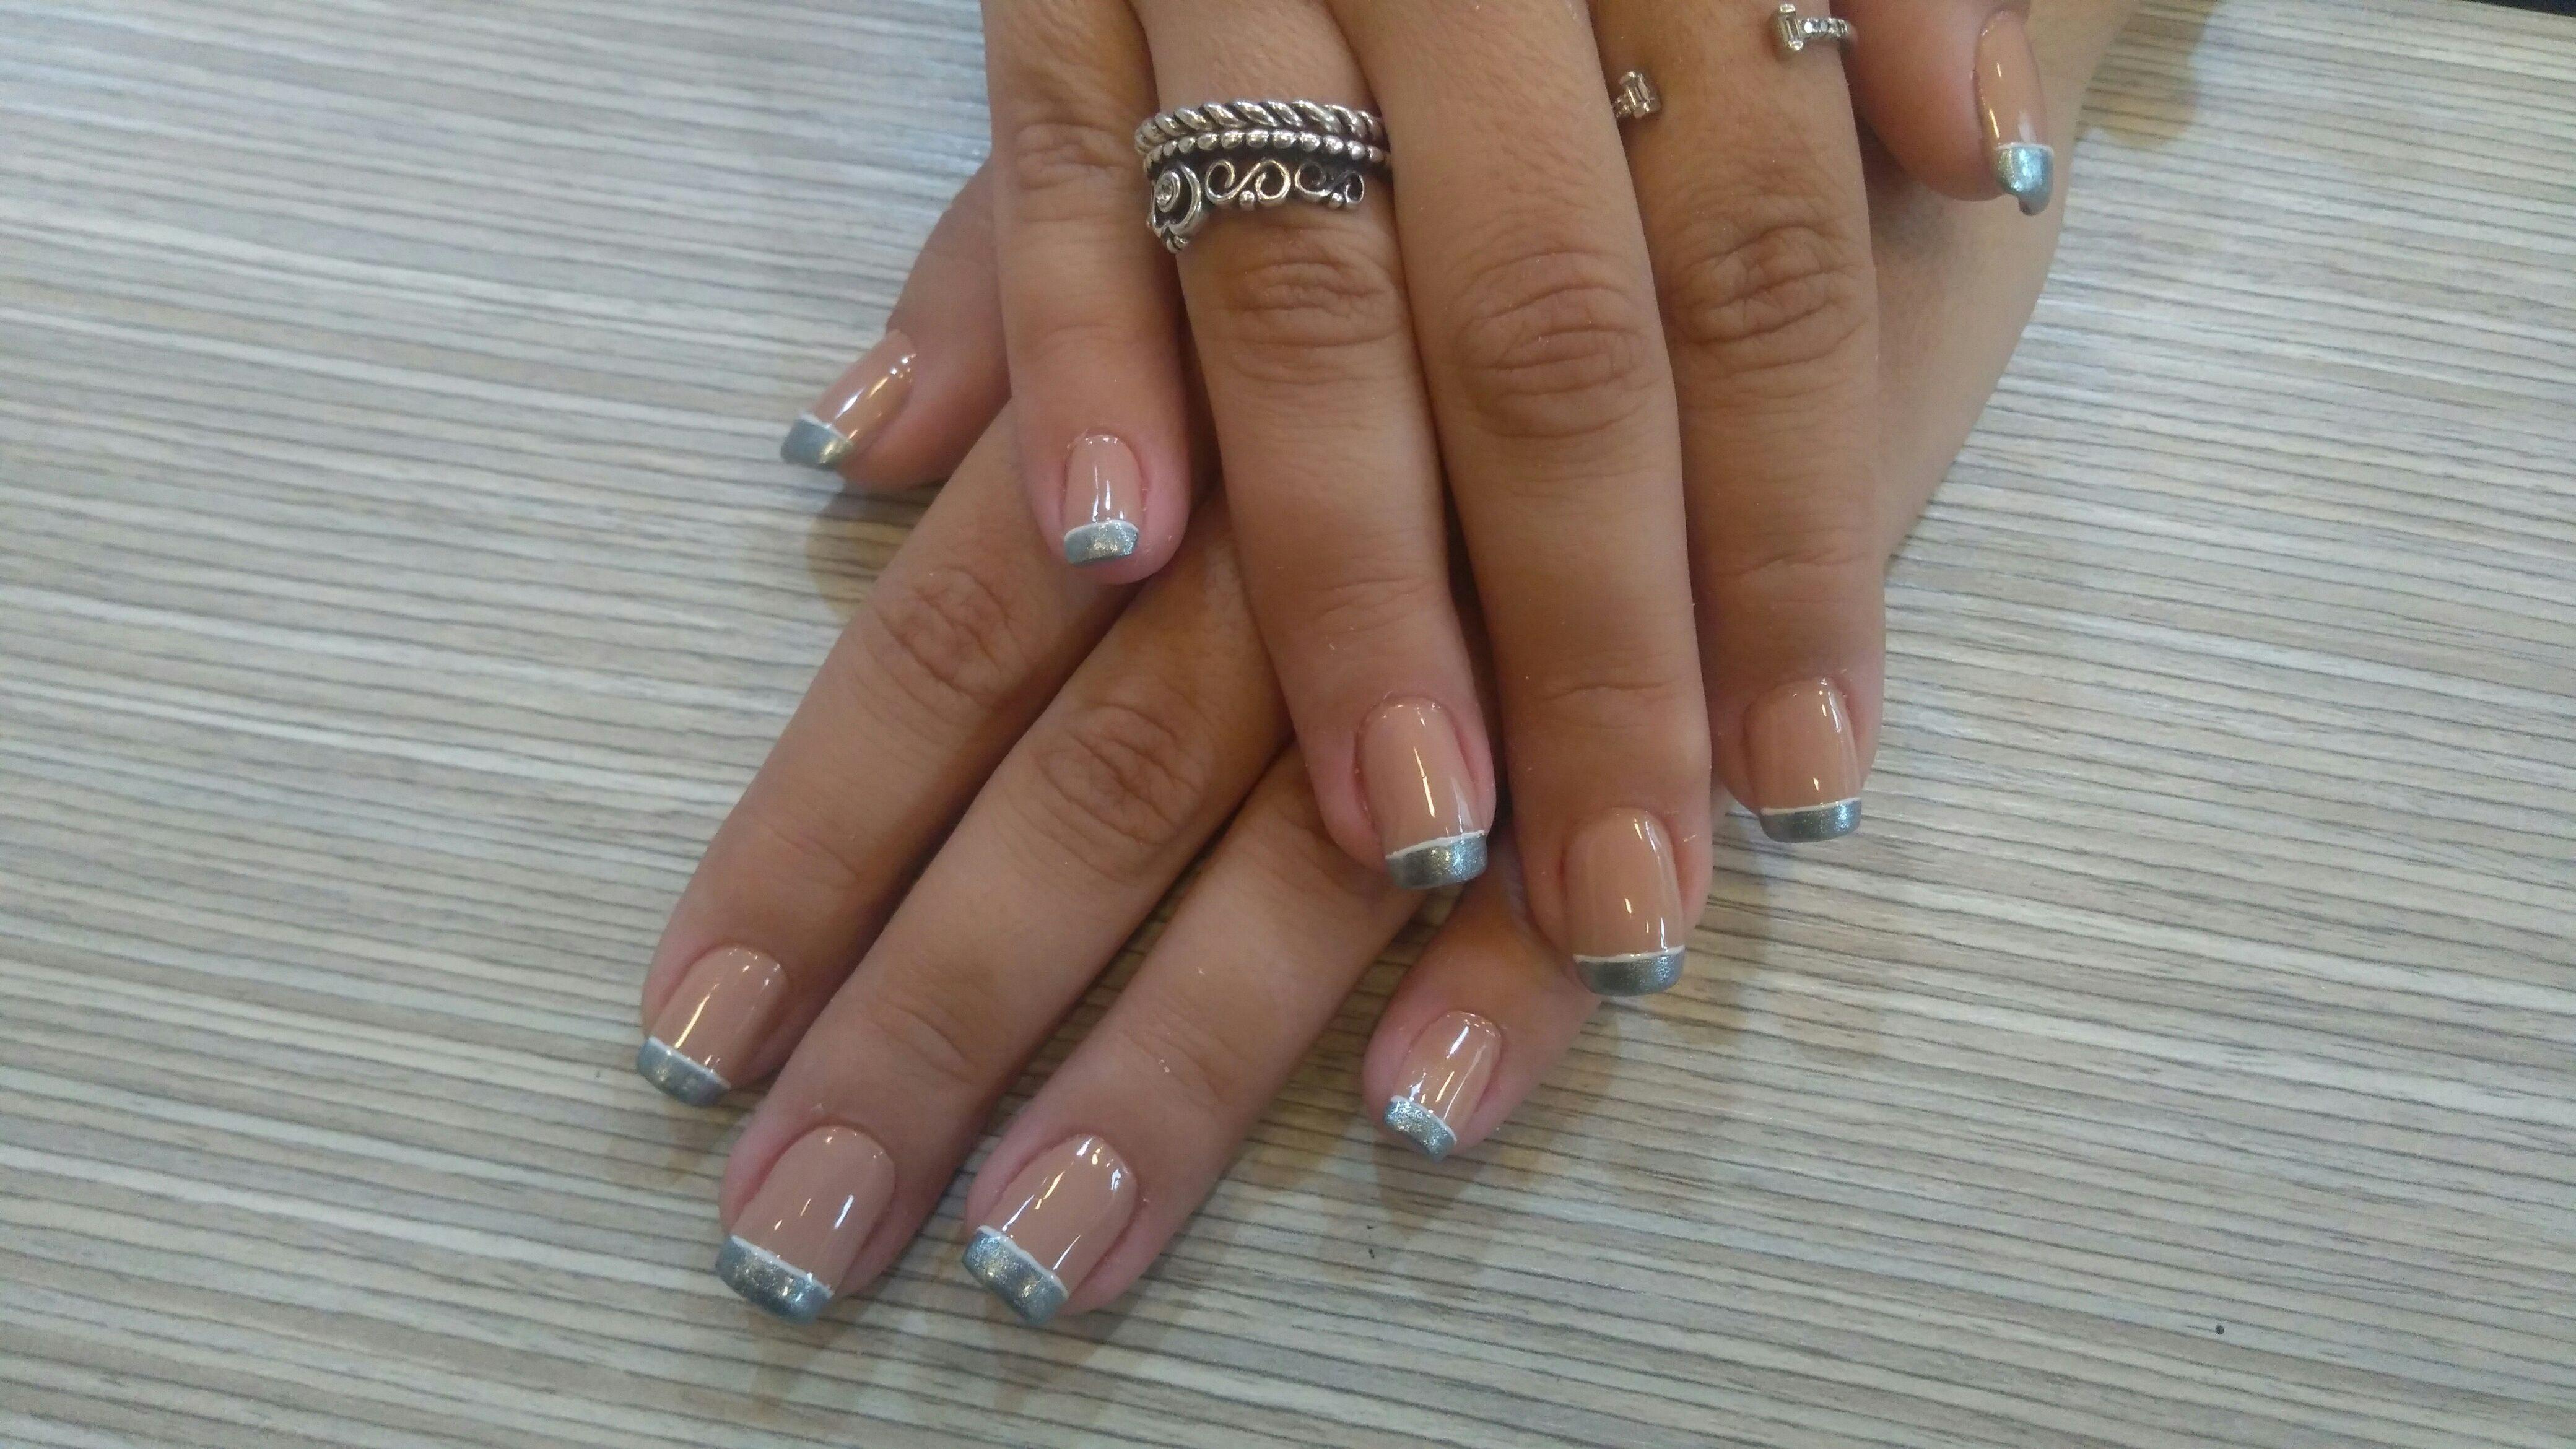 Mas um trabalho lindo maravilhoso unhas em gel e francesinha mas uma cliente feliz unha manicure e pedicure